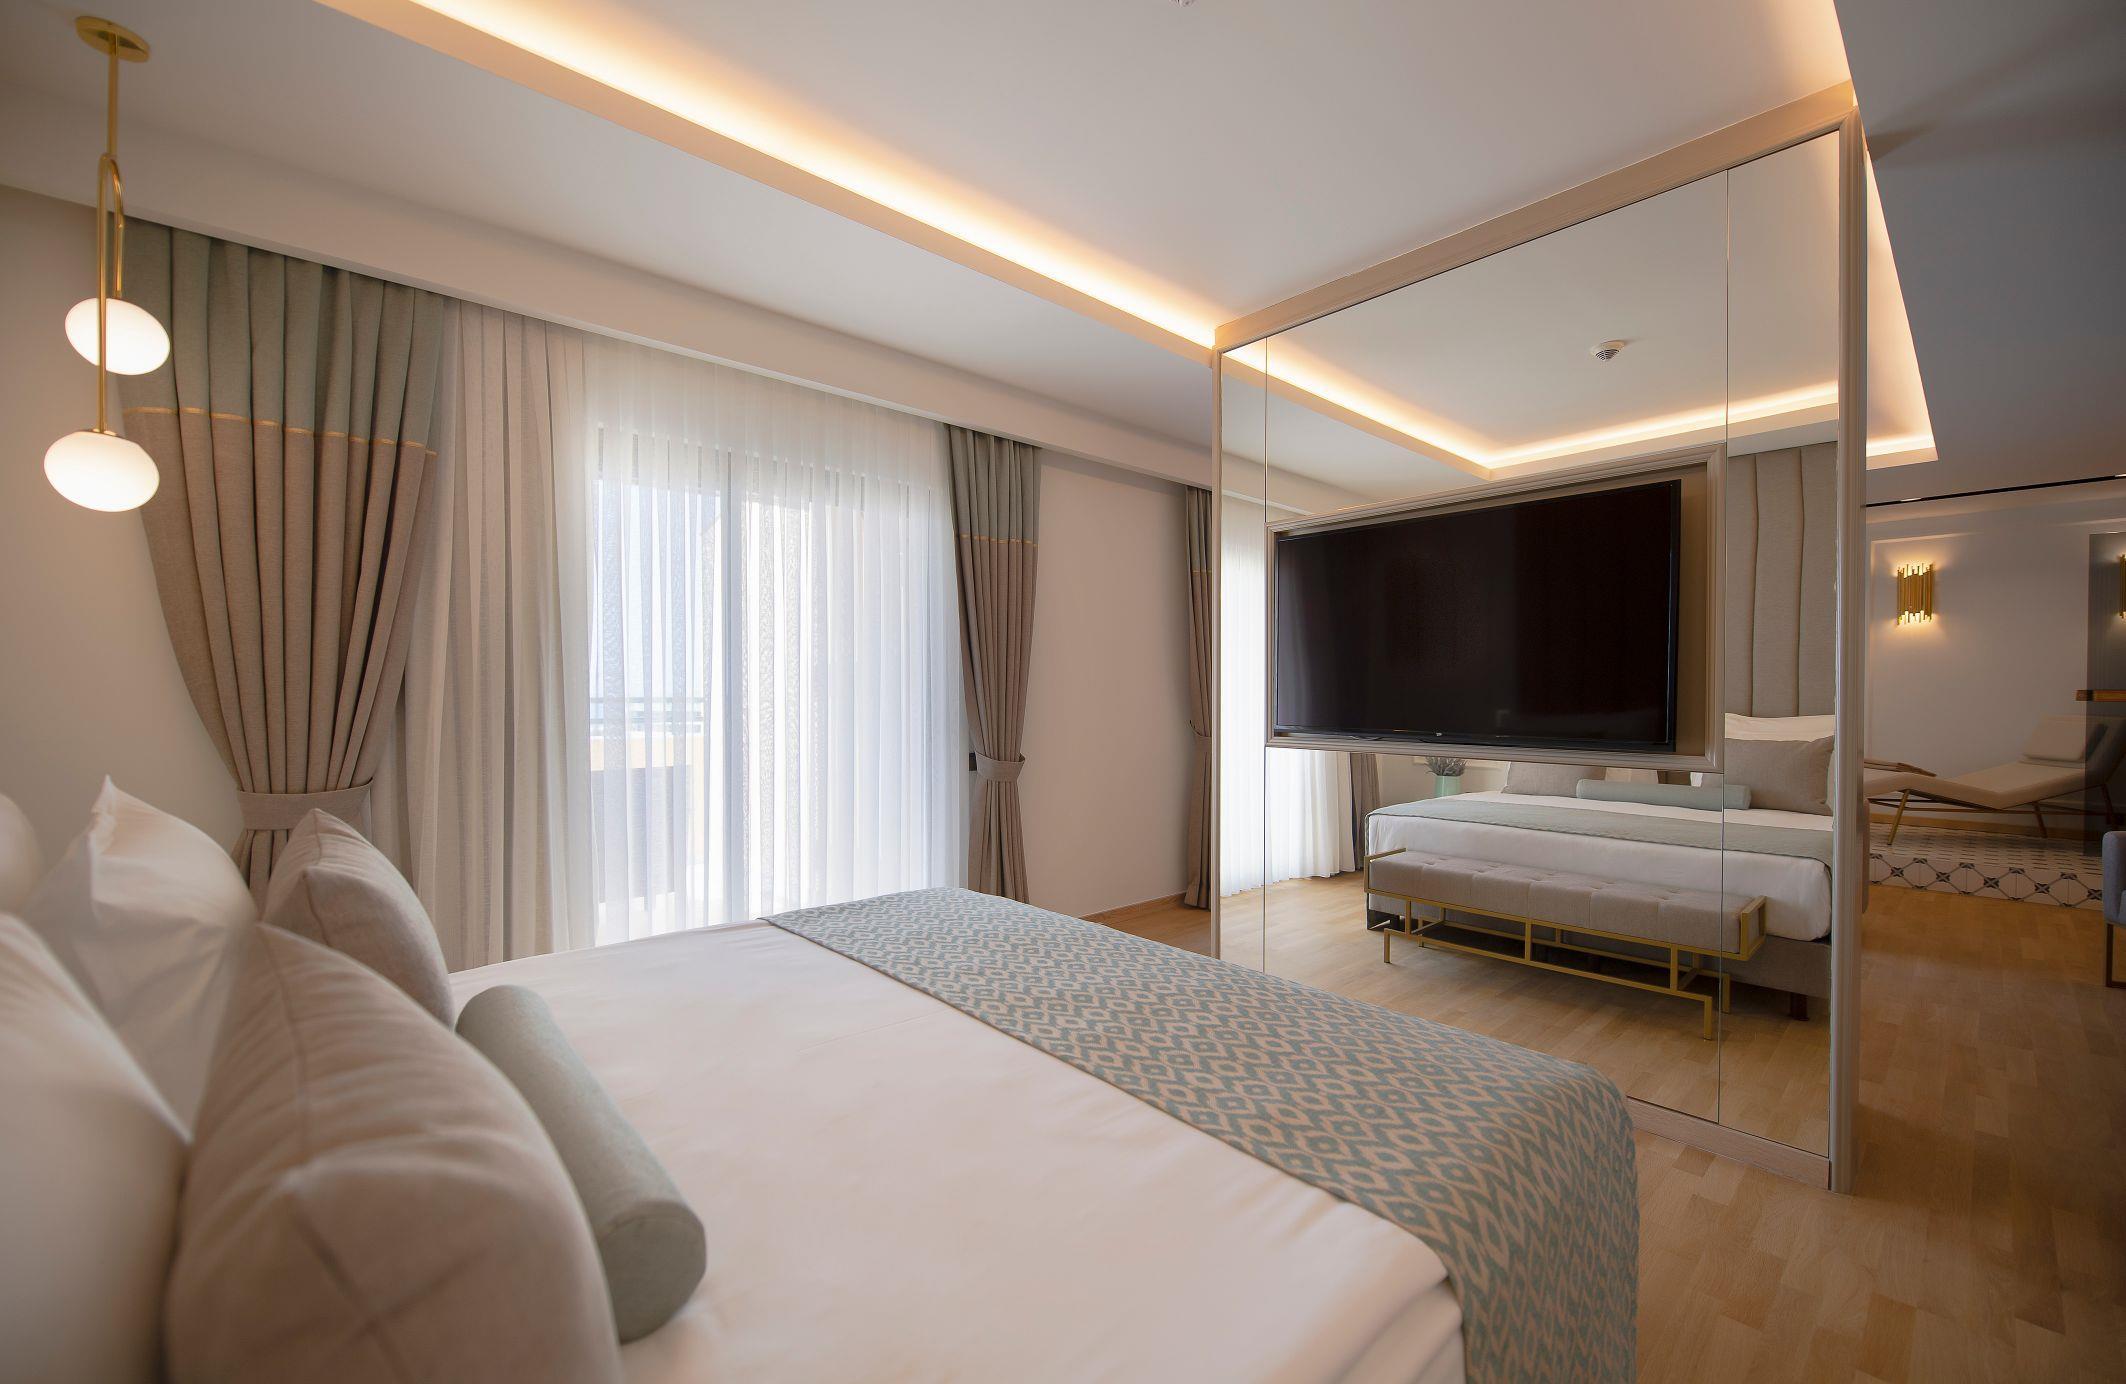 http://www.orextravel.sk/OREX/hotelphotos/miramare-queen-hotel-general-0012.jpg